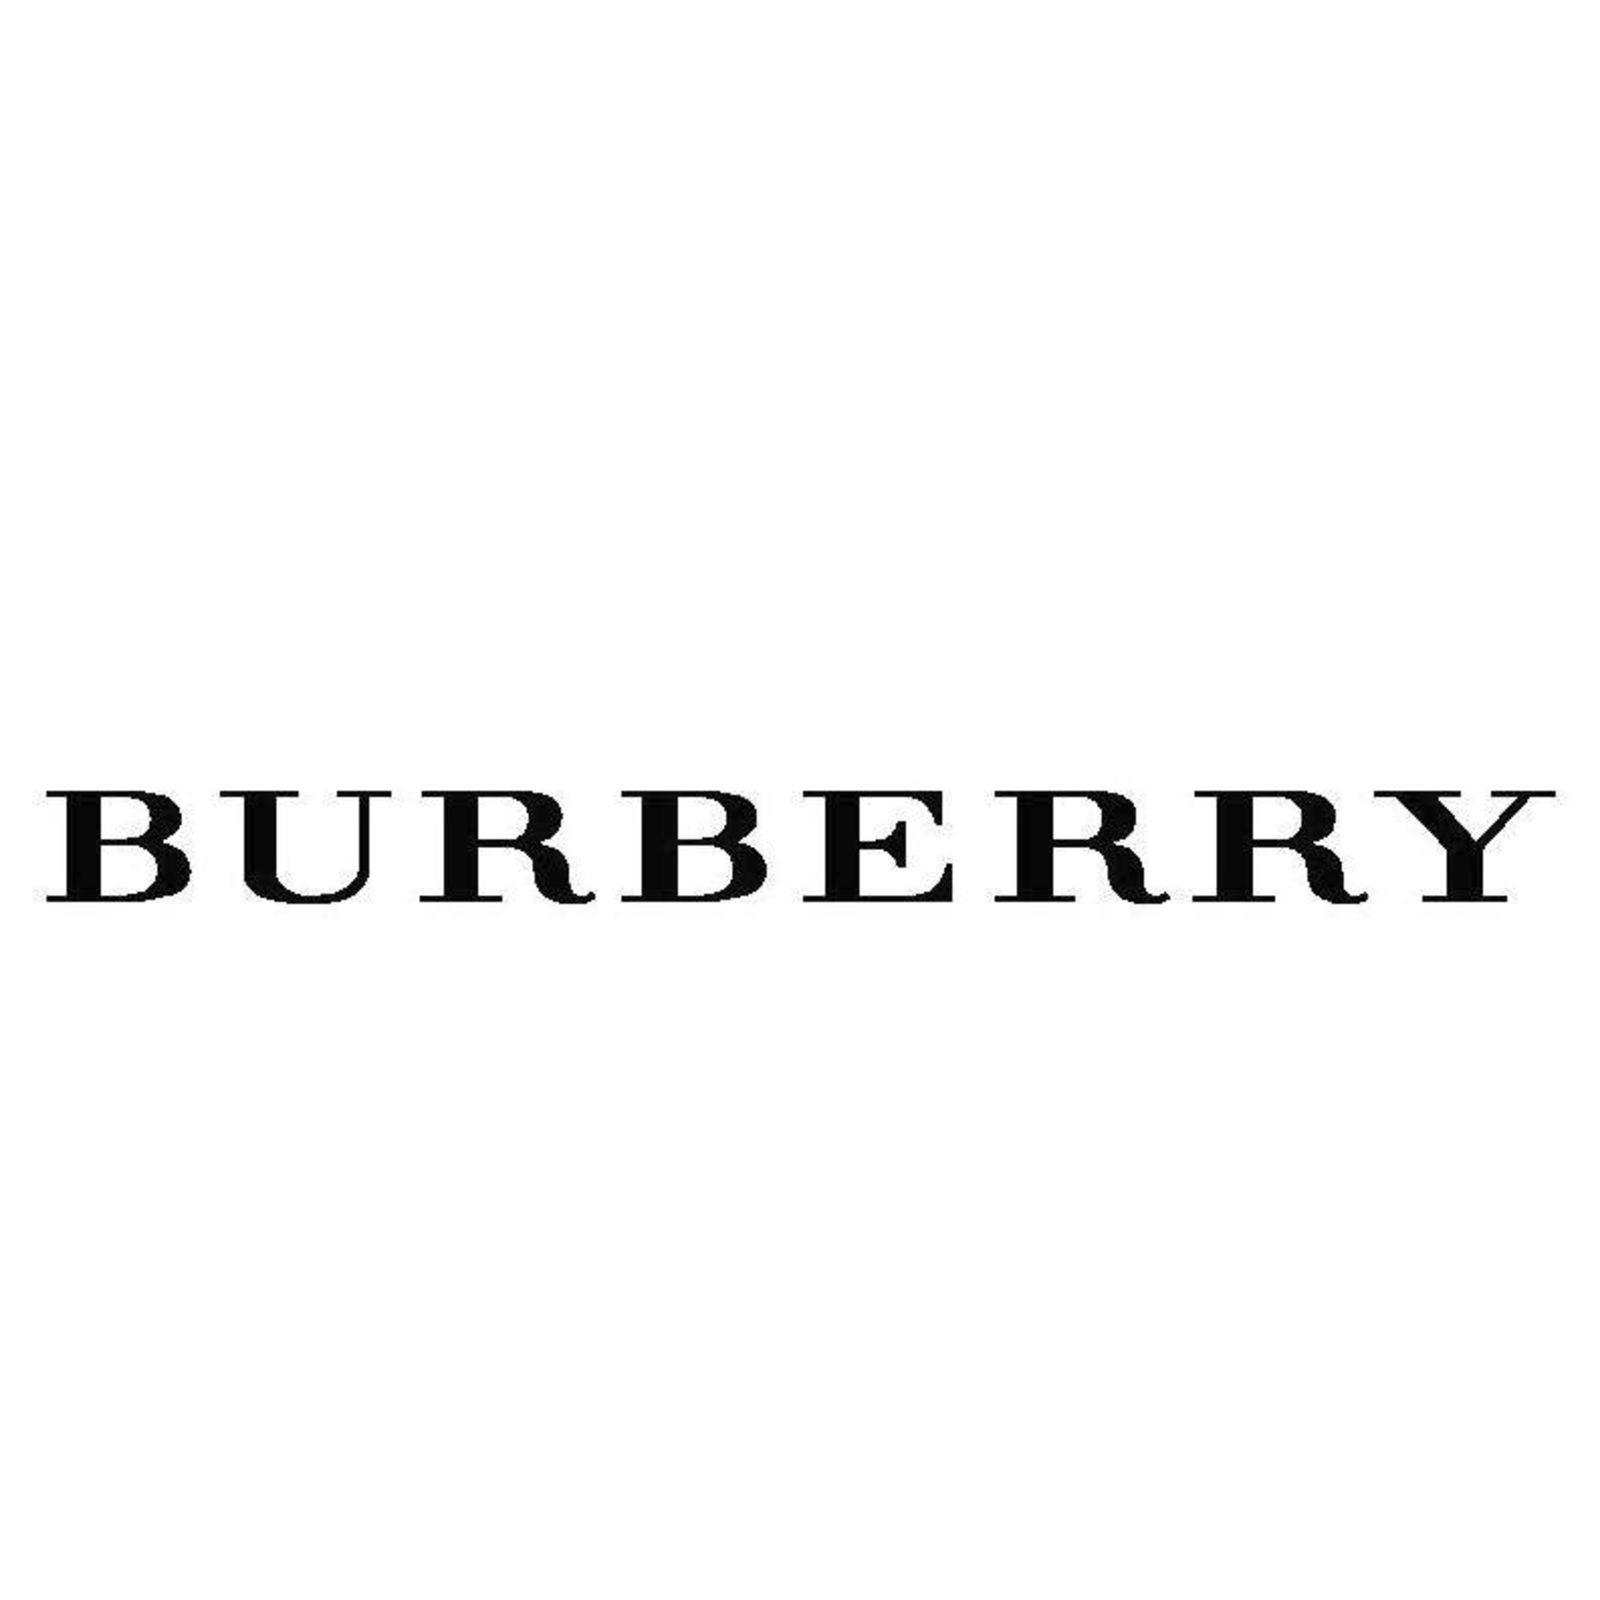 BURBERRY (Изображение 1)